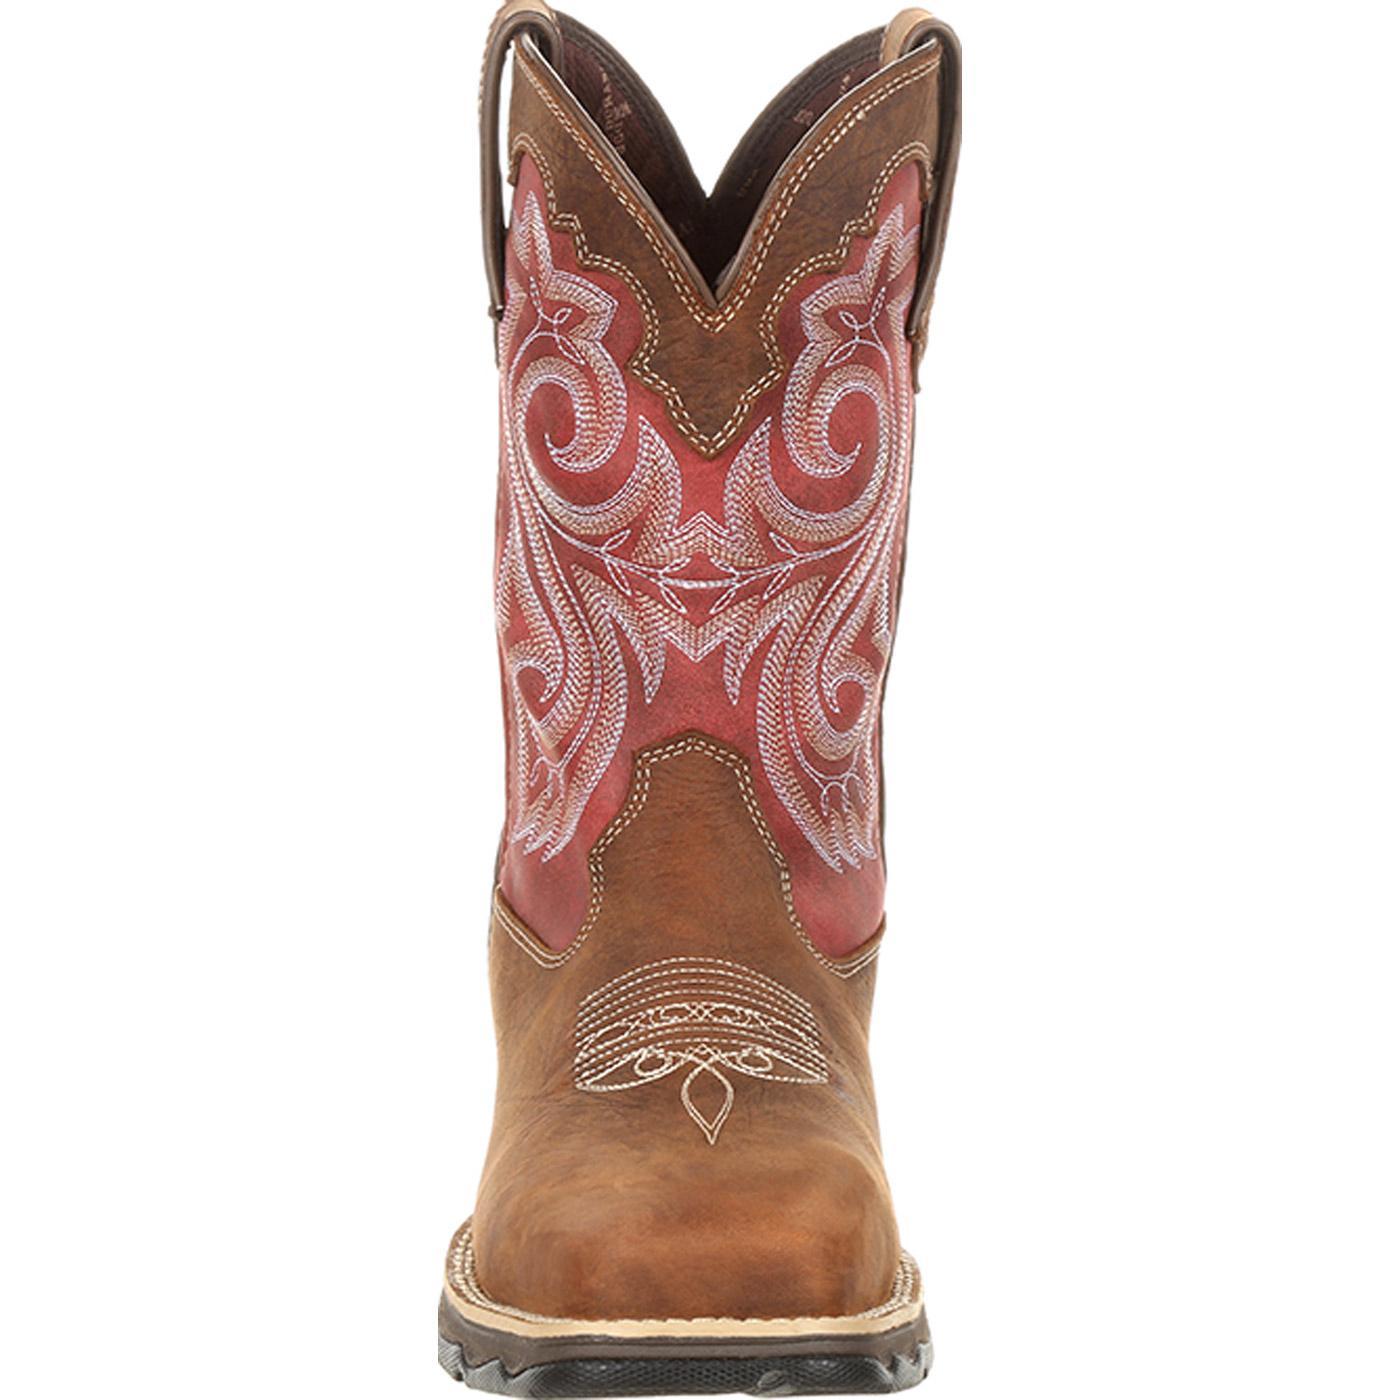 3720e0fffa3 Lady Rebel by Durango Women's Waterproof Composite Toe Western Work Boot